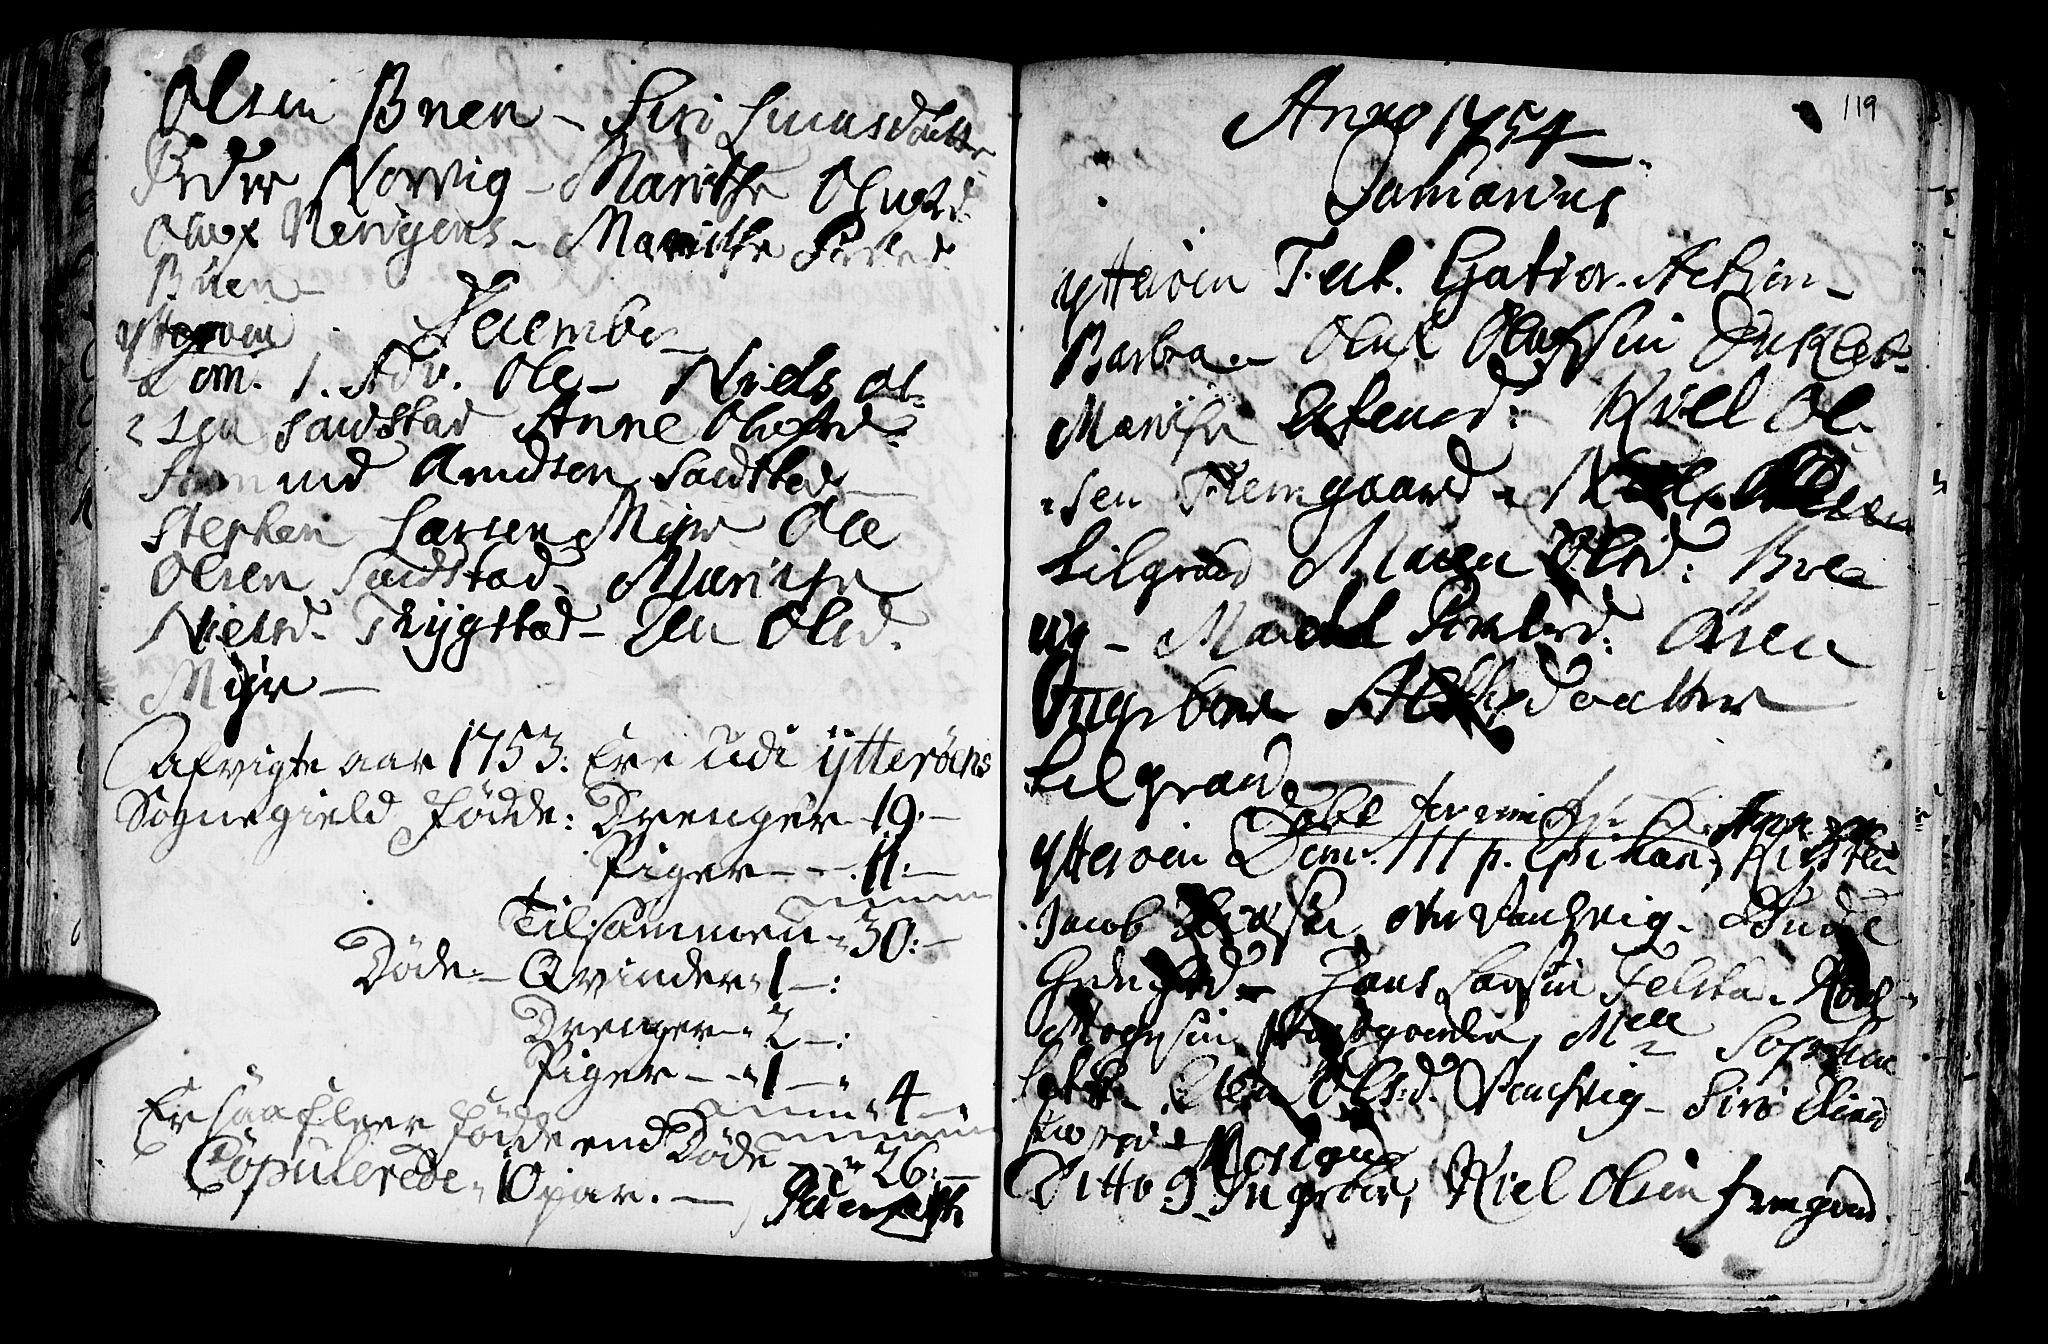 SAT, Ministerialprotokoller, klokkerbøker og fødselsregistre - Nord-Trøndelag, 722/L0215: Ministerialbok nr. 722A02, 1718-1755, s. 119